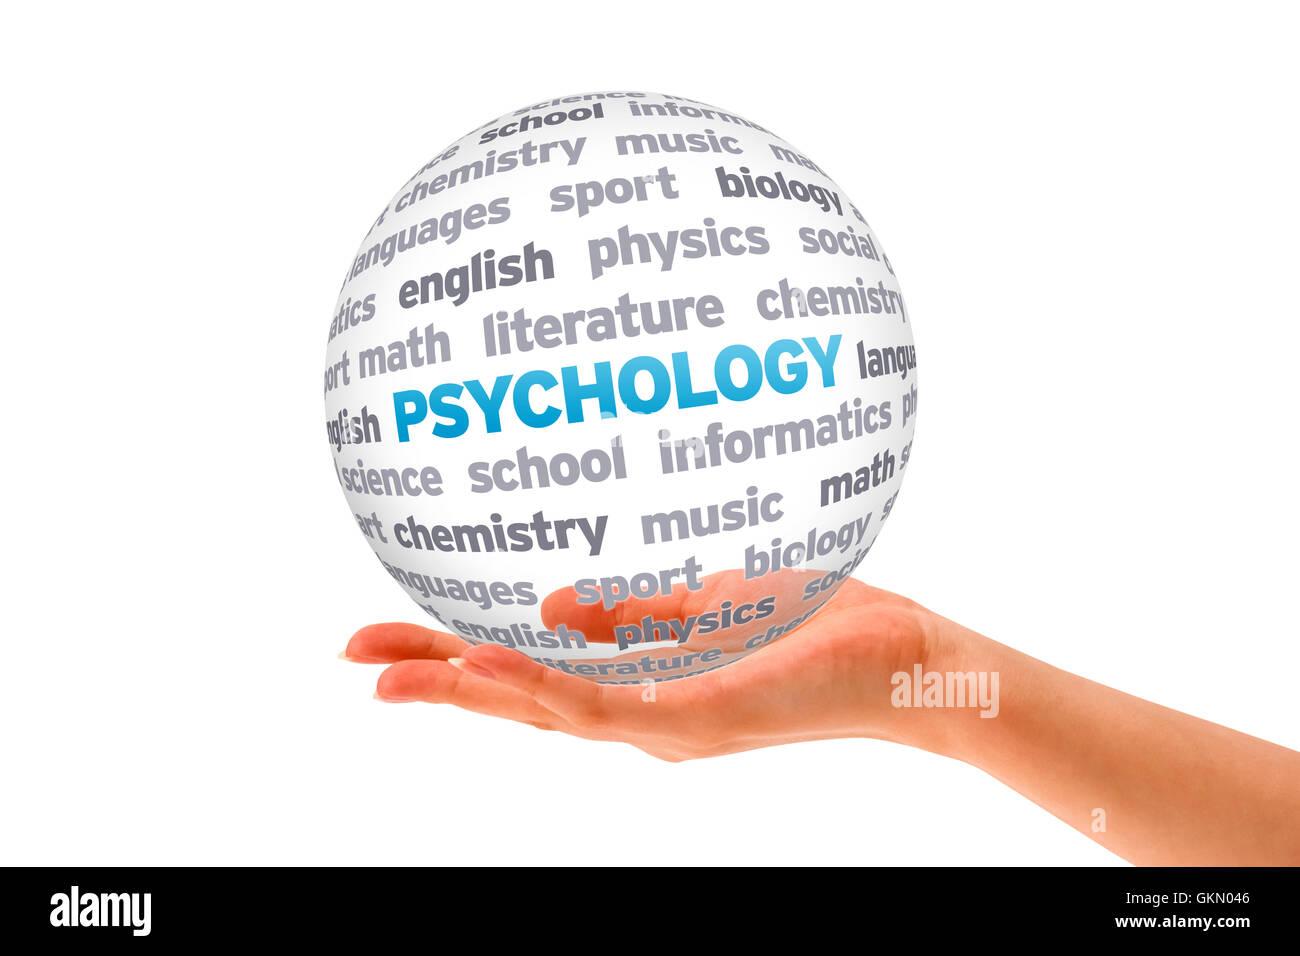 Psychology - Stock Image